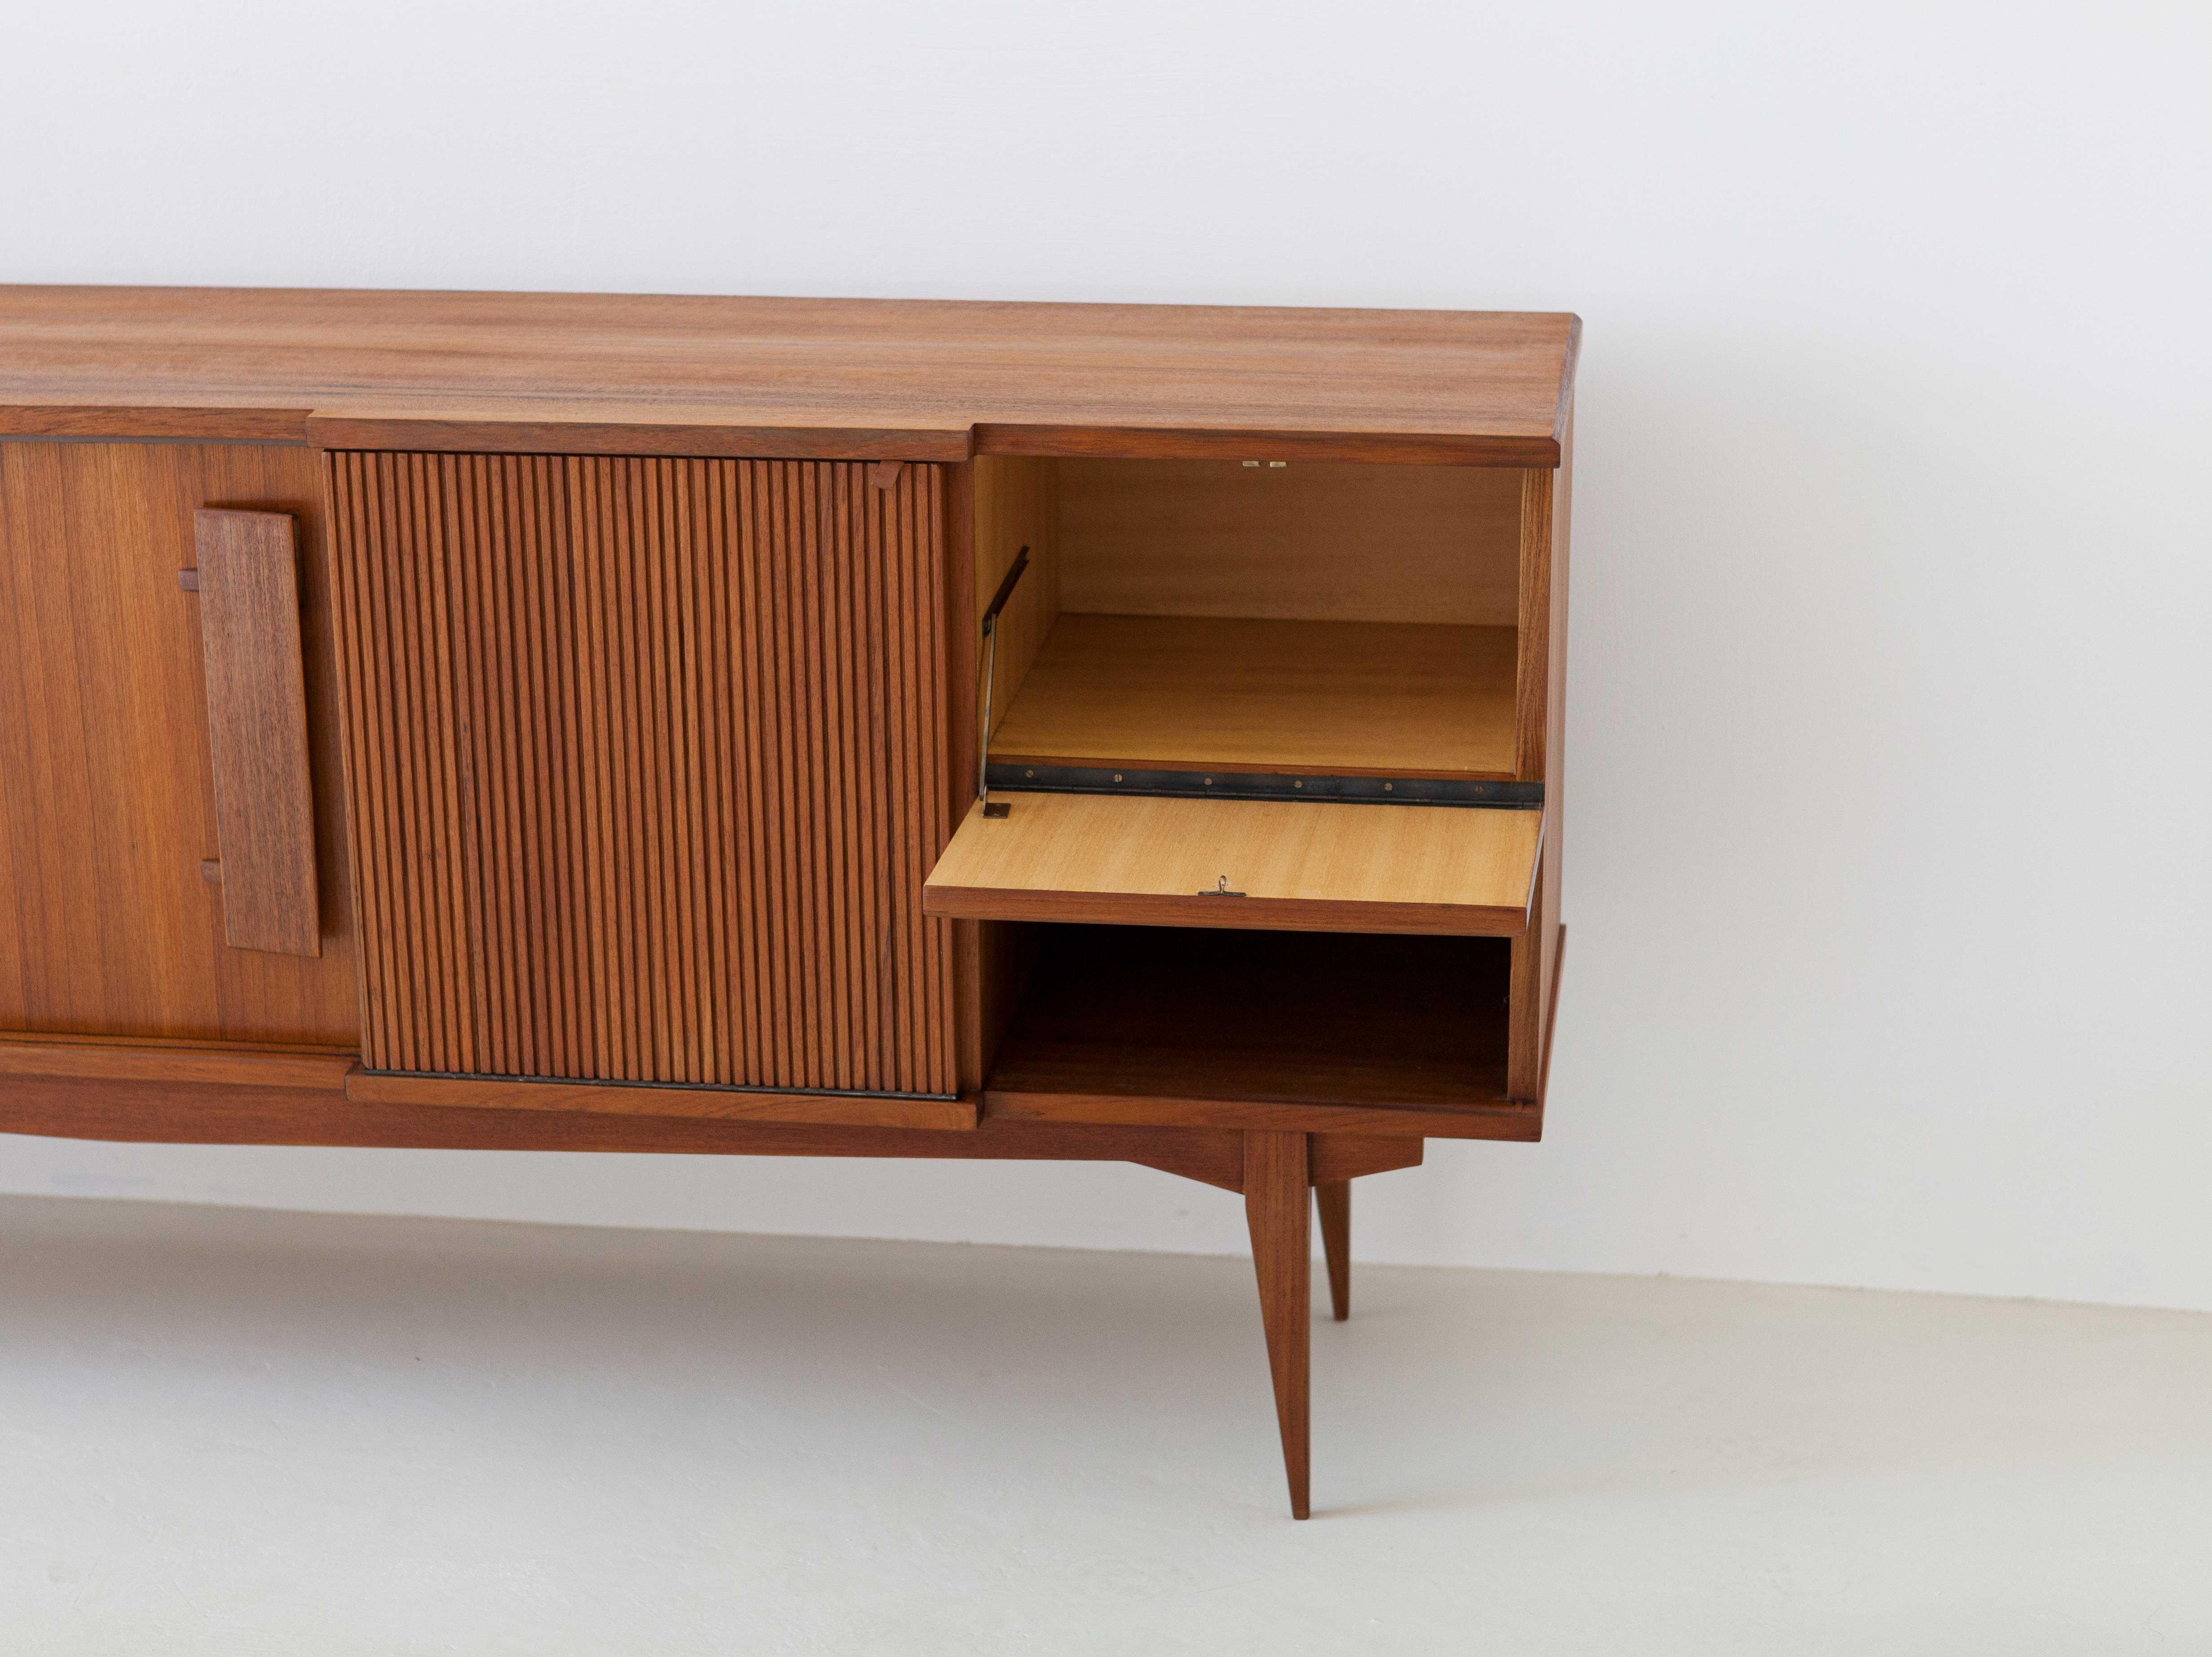 1950s-italian-teak-sideboard-7-ST113